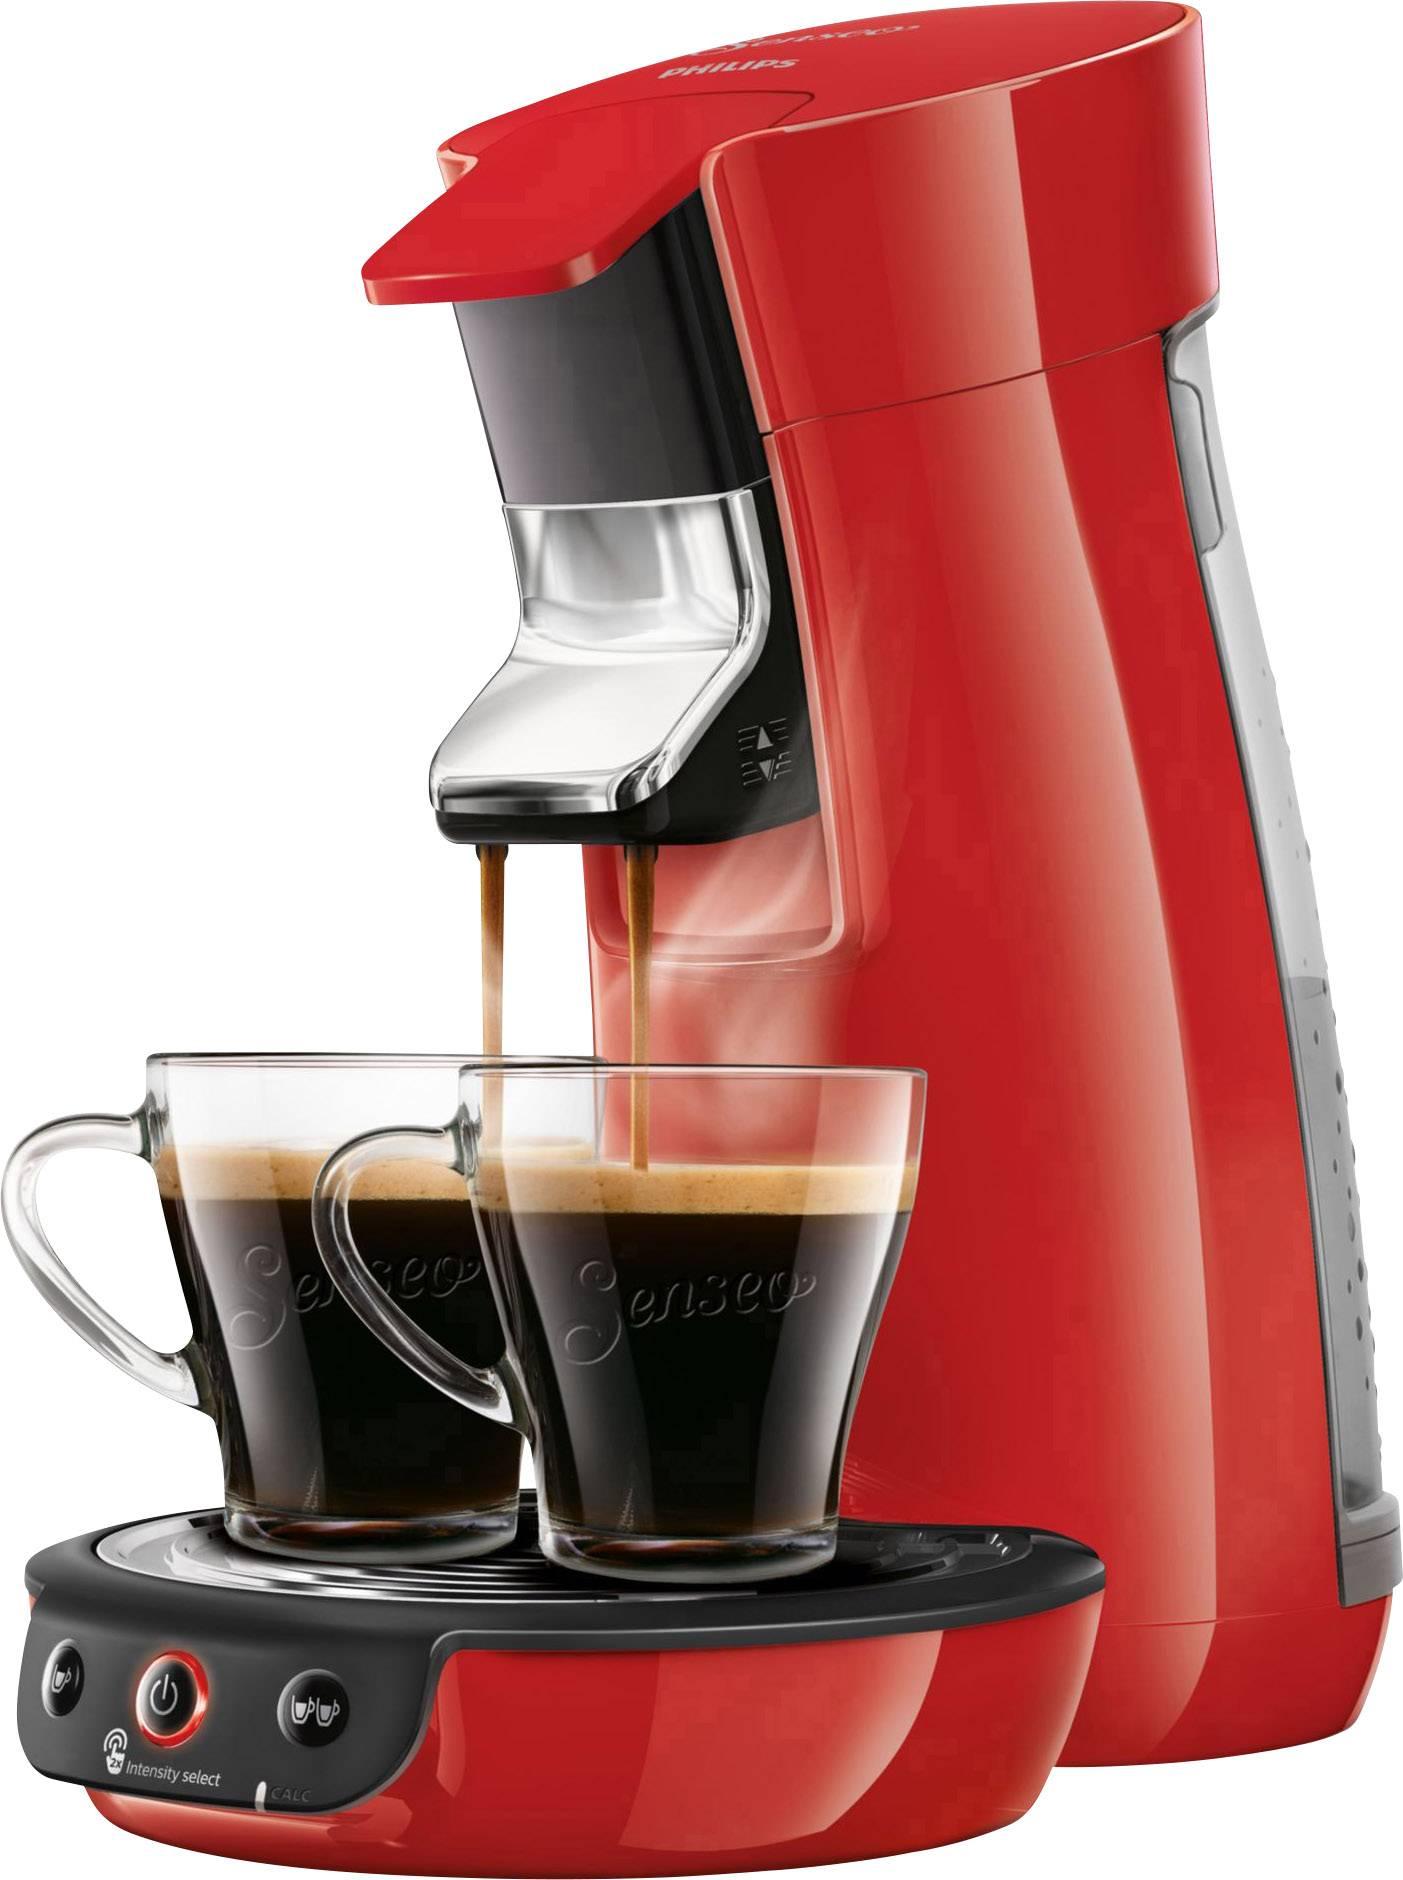 Distributore automatico caffe lavazza